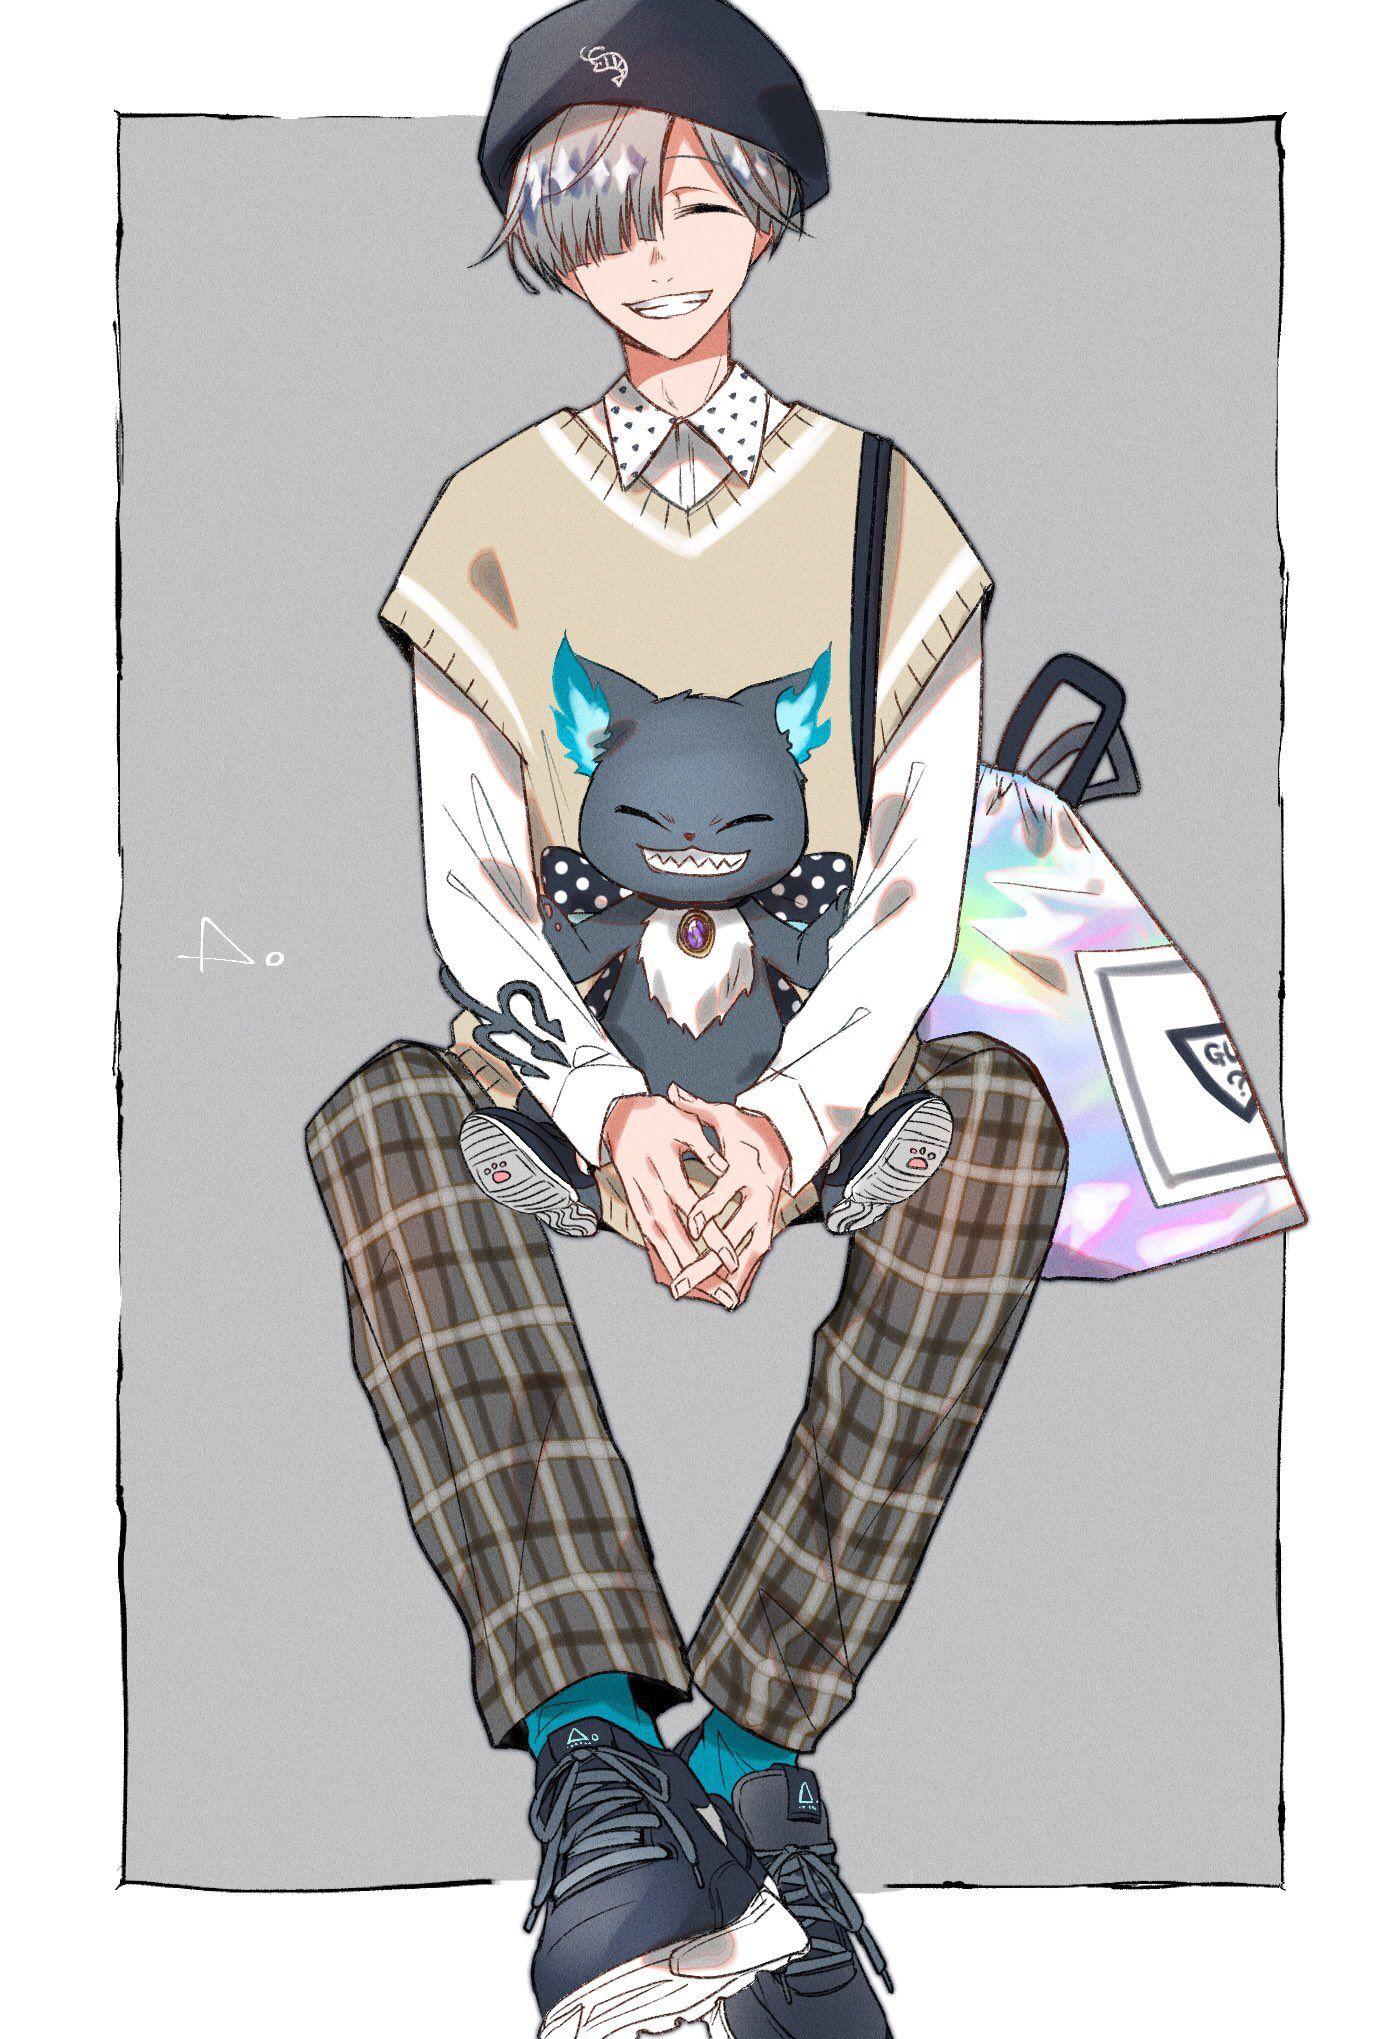 ツイステ おしゃれまとめの人気アイデア pinterest valerie かわいいアニメの少年 ディズニー 悪役イラスト ディズニーファンアート